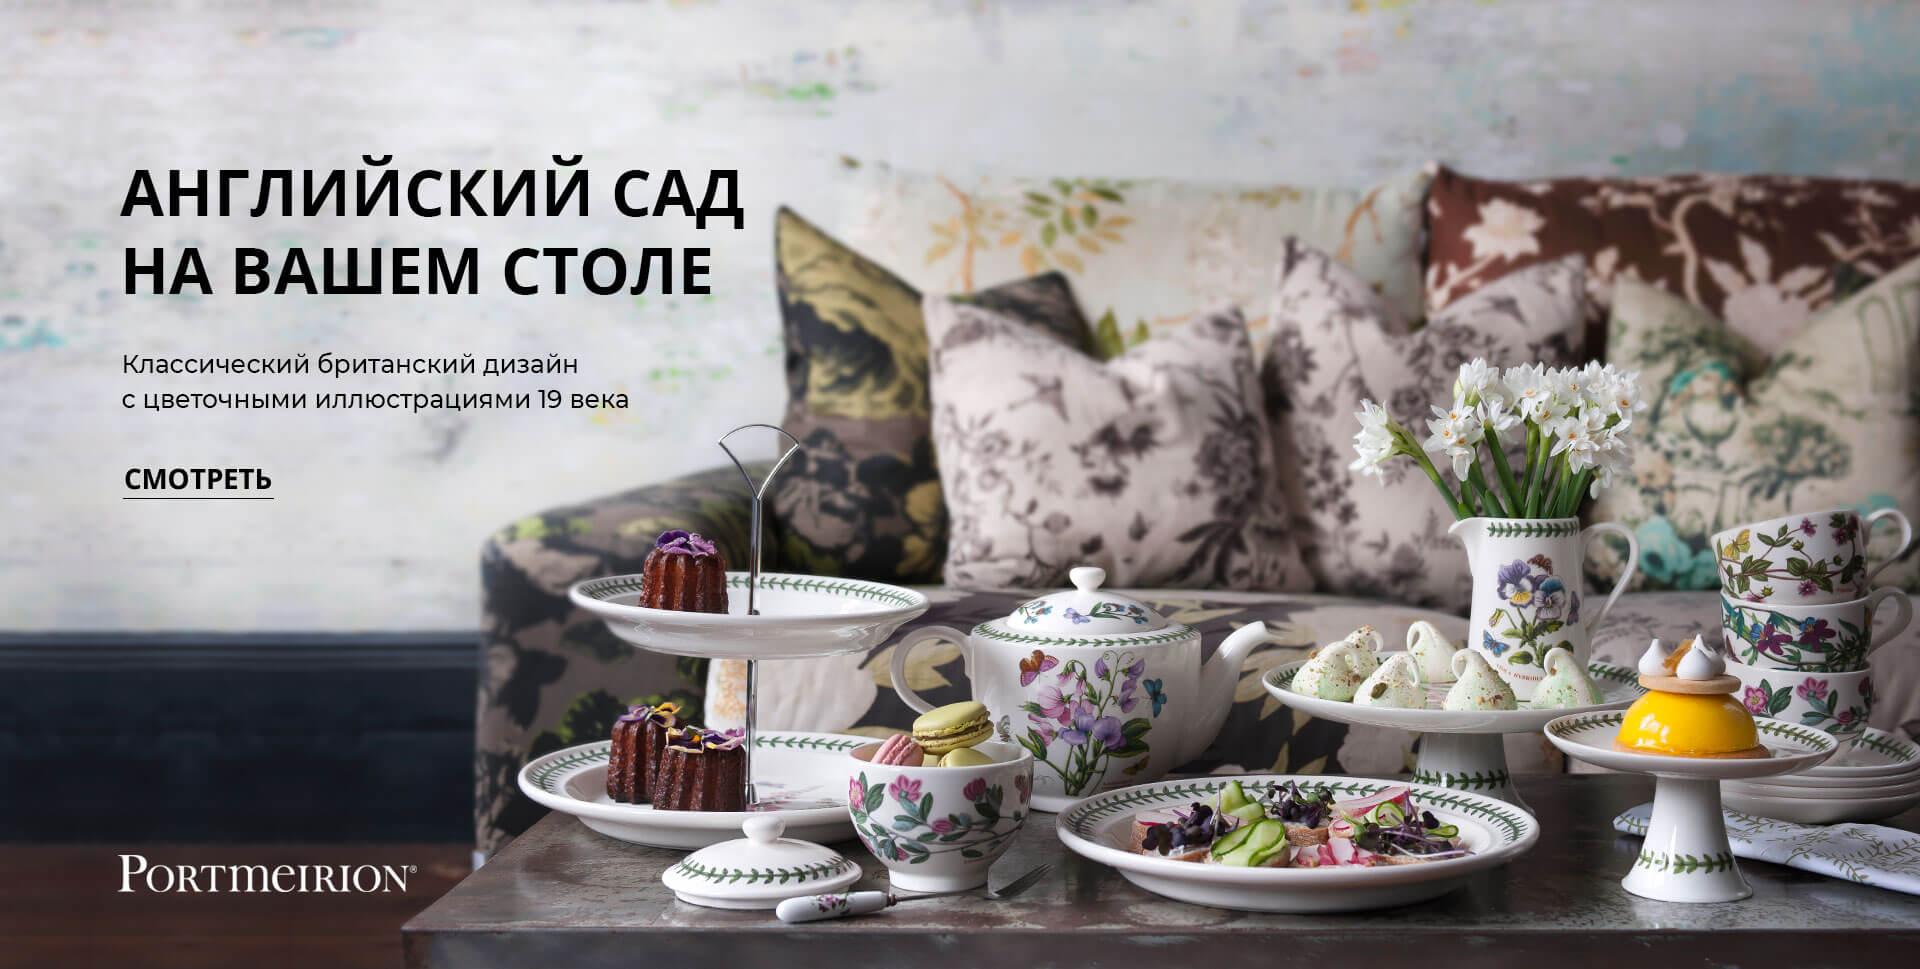 Portmeirion керамическая посуда и фарфор